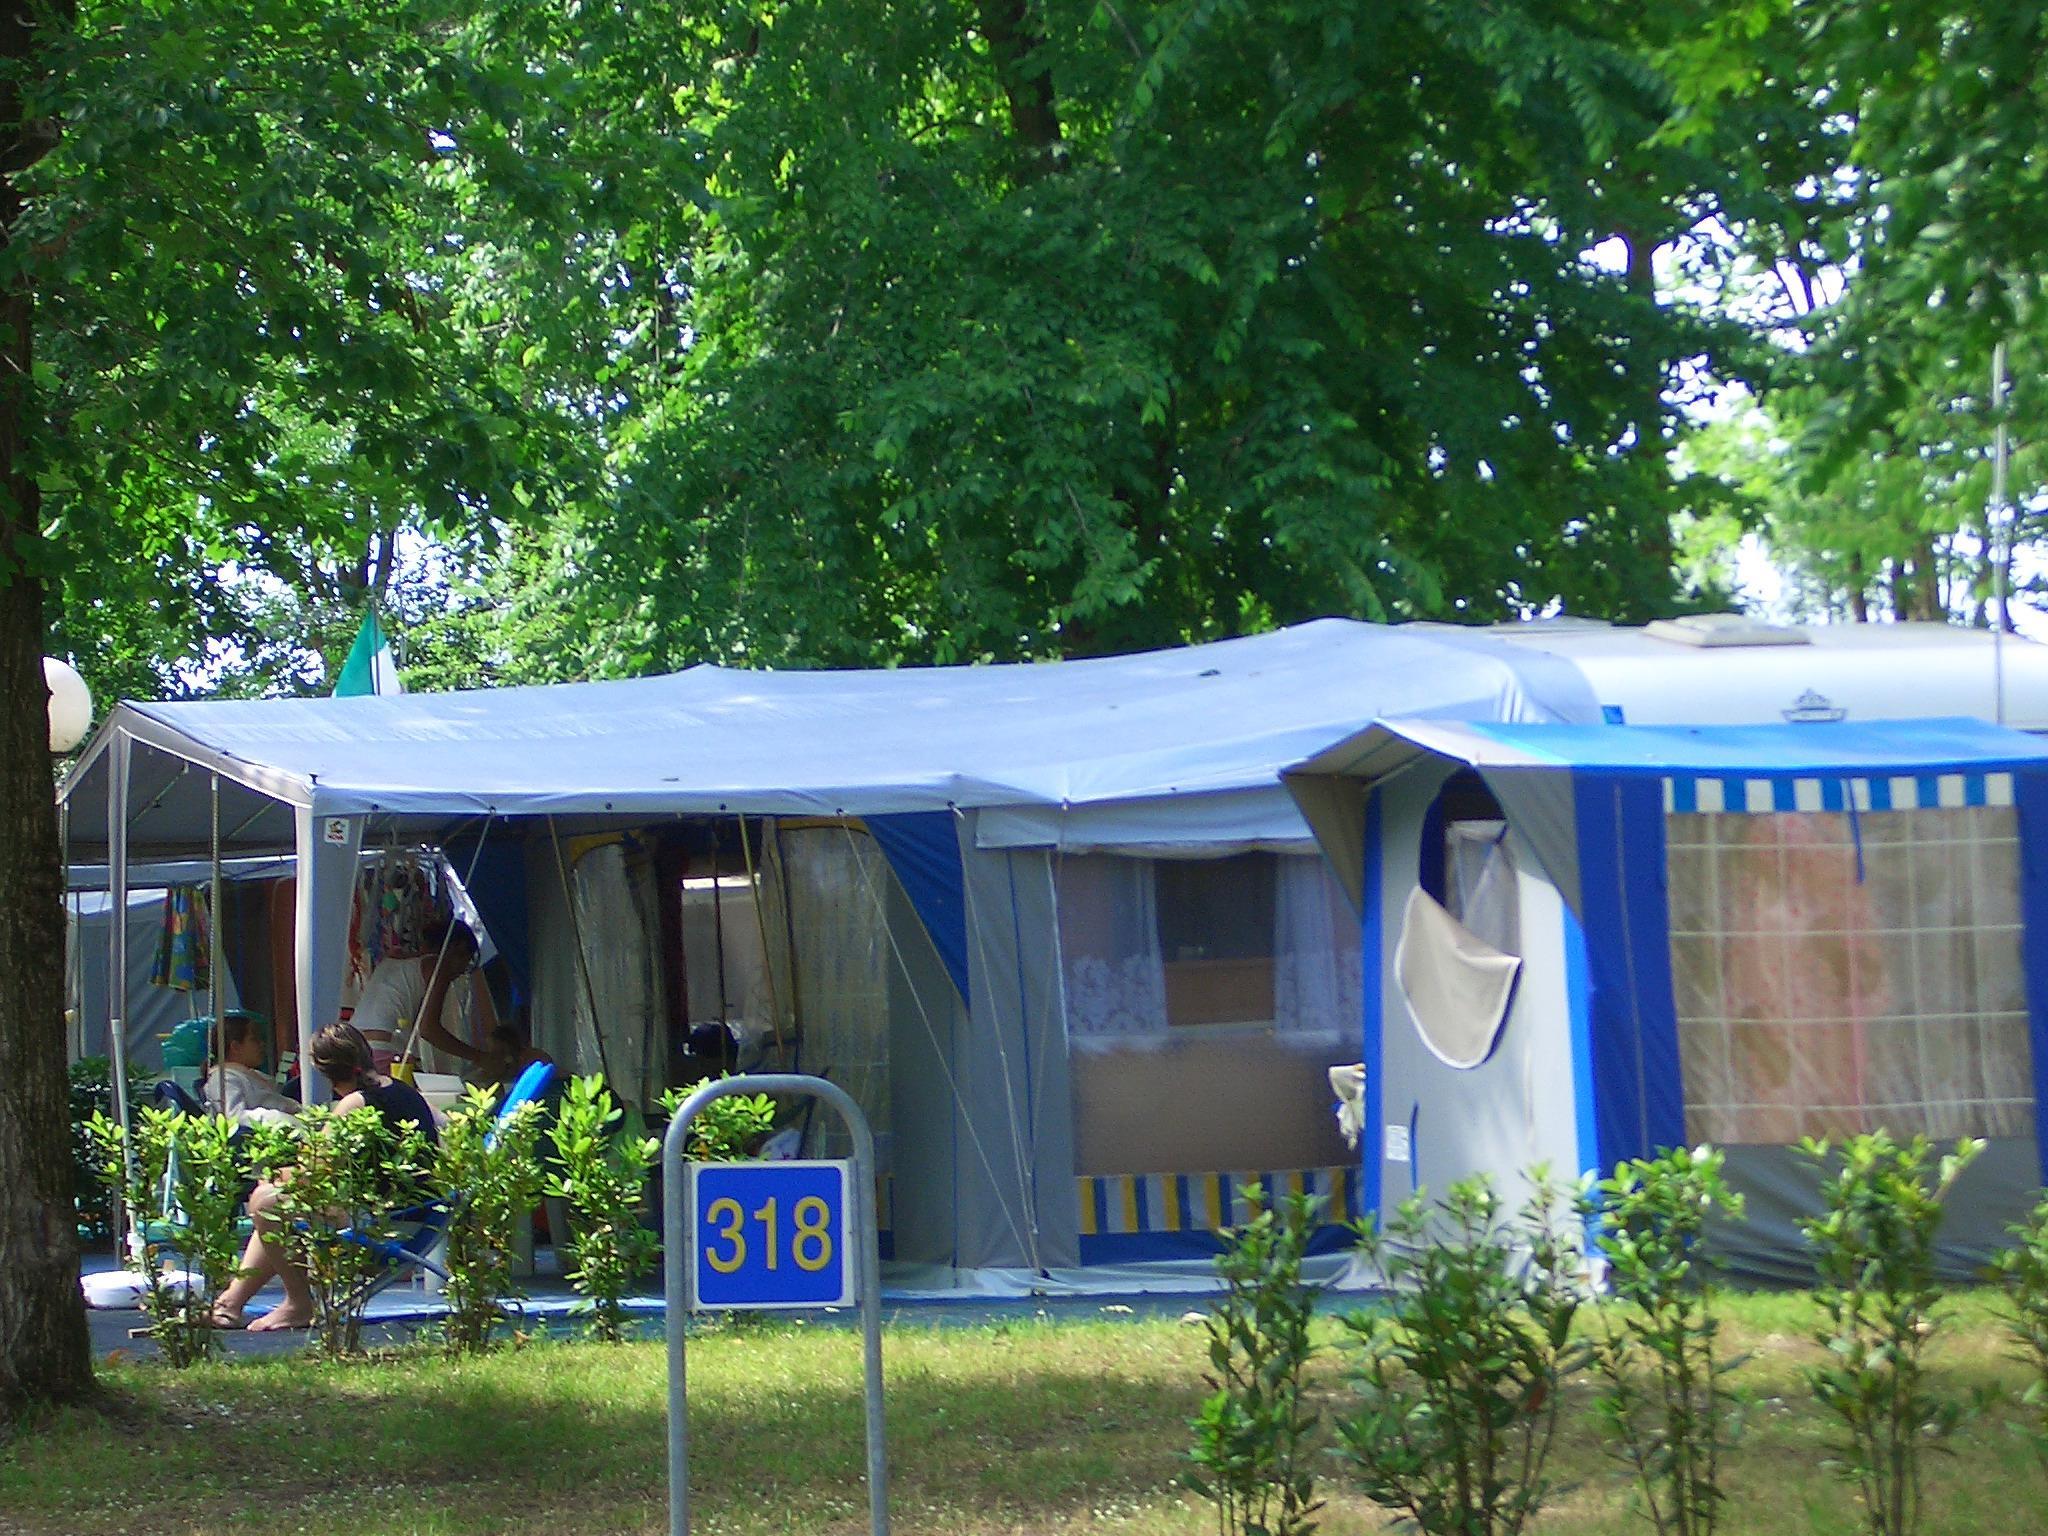 Emplacement - Emplacement Laguna 60/80M² - Tente/Caravane Ou Camping-Car + Électricité - Camping Laguna Village